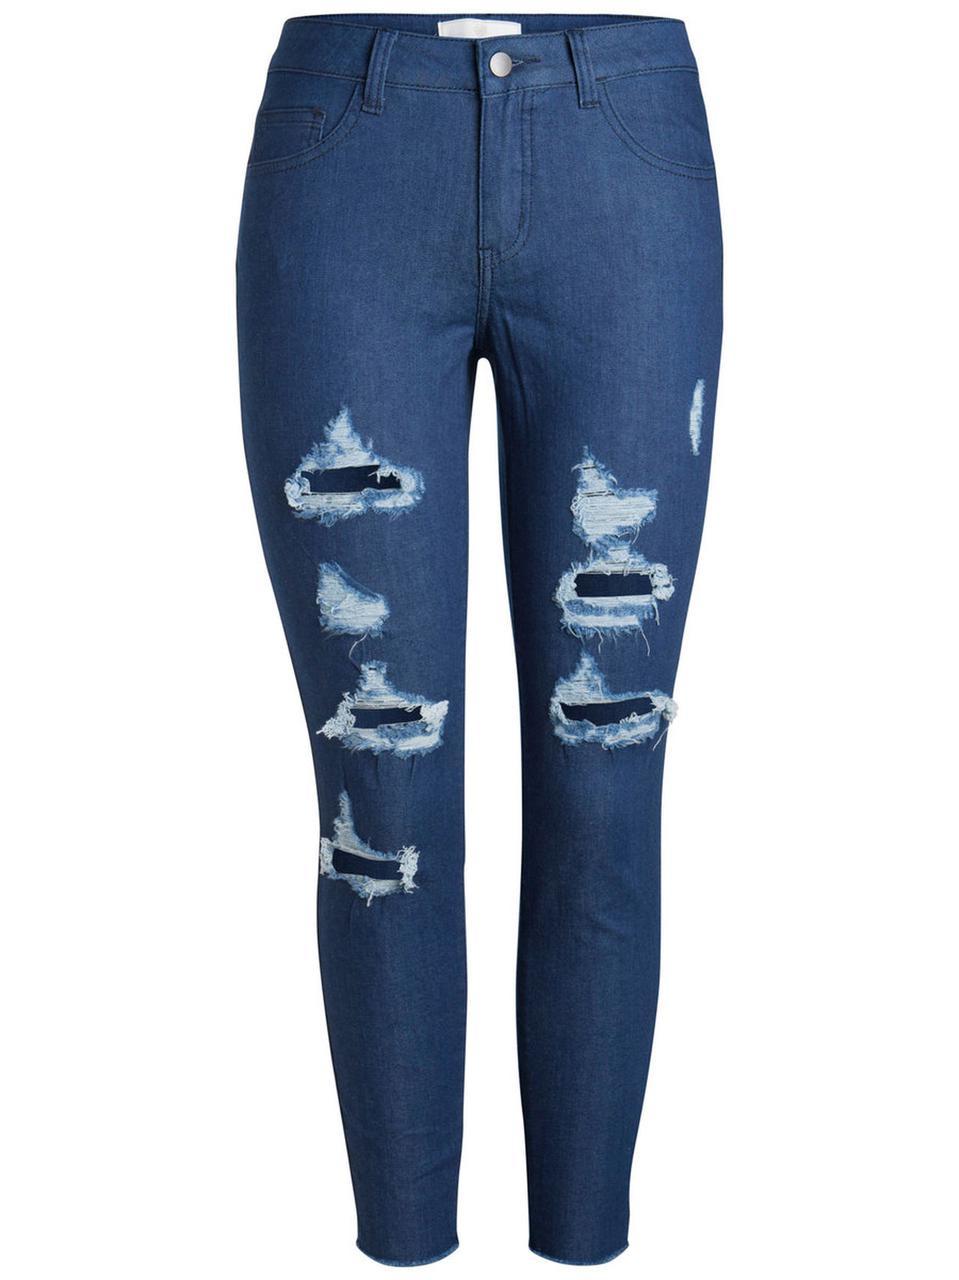 Рваные женские джинсы бренда Pieces в темно синем цвете